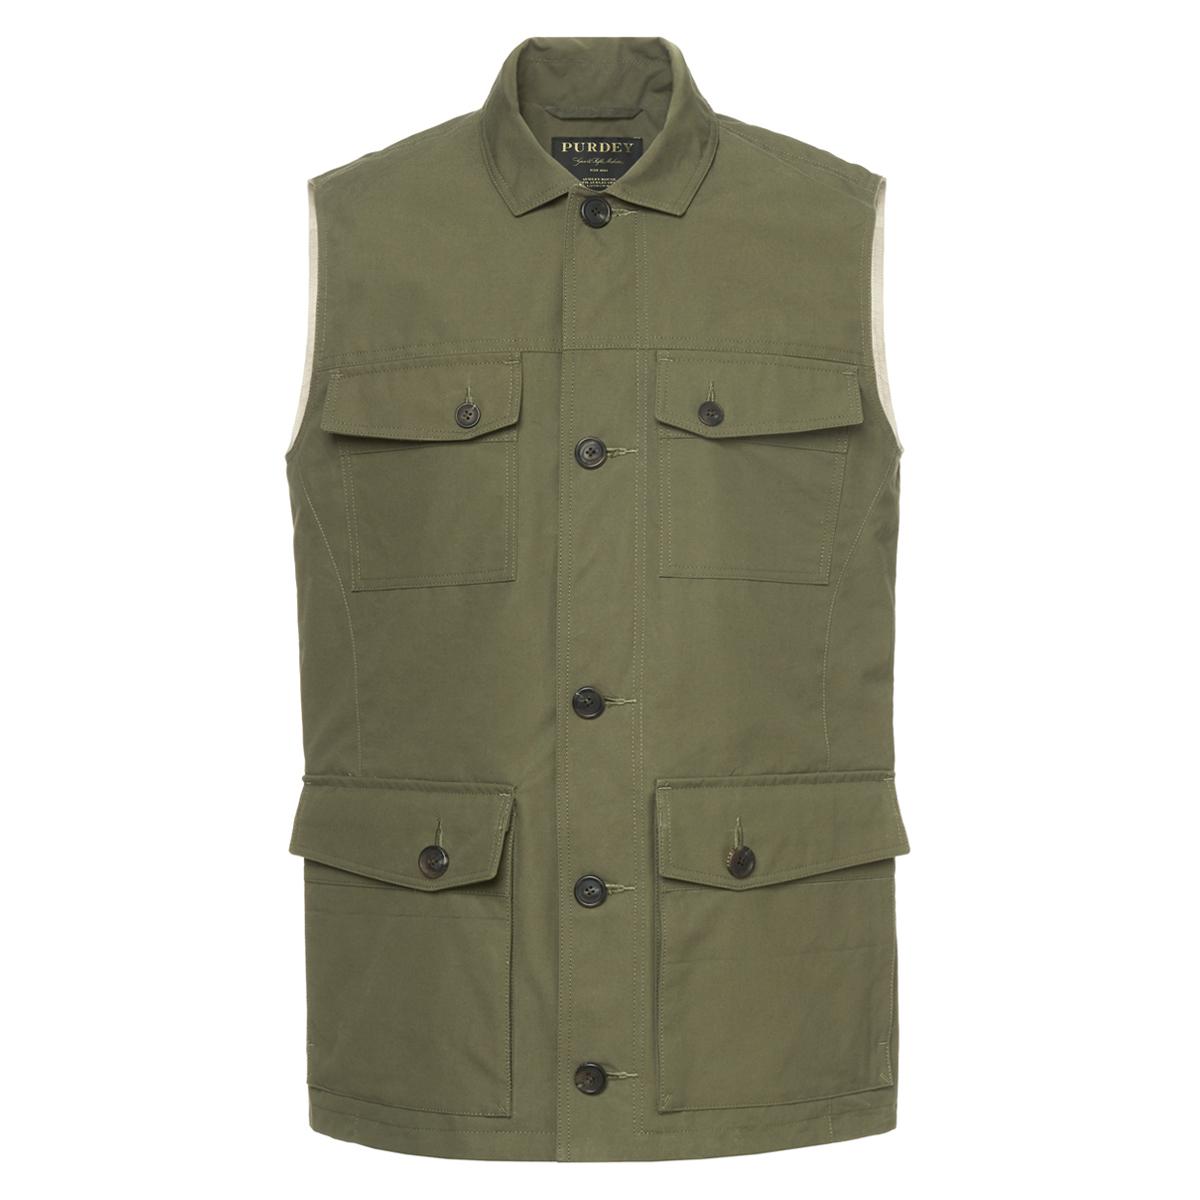 Green Cotton Percival Safari Gilet